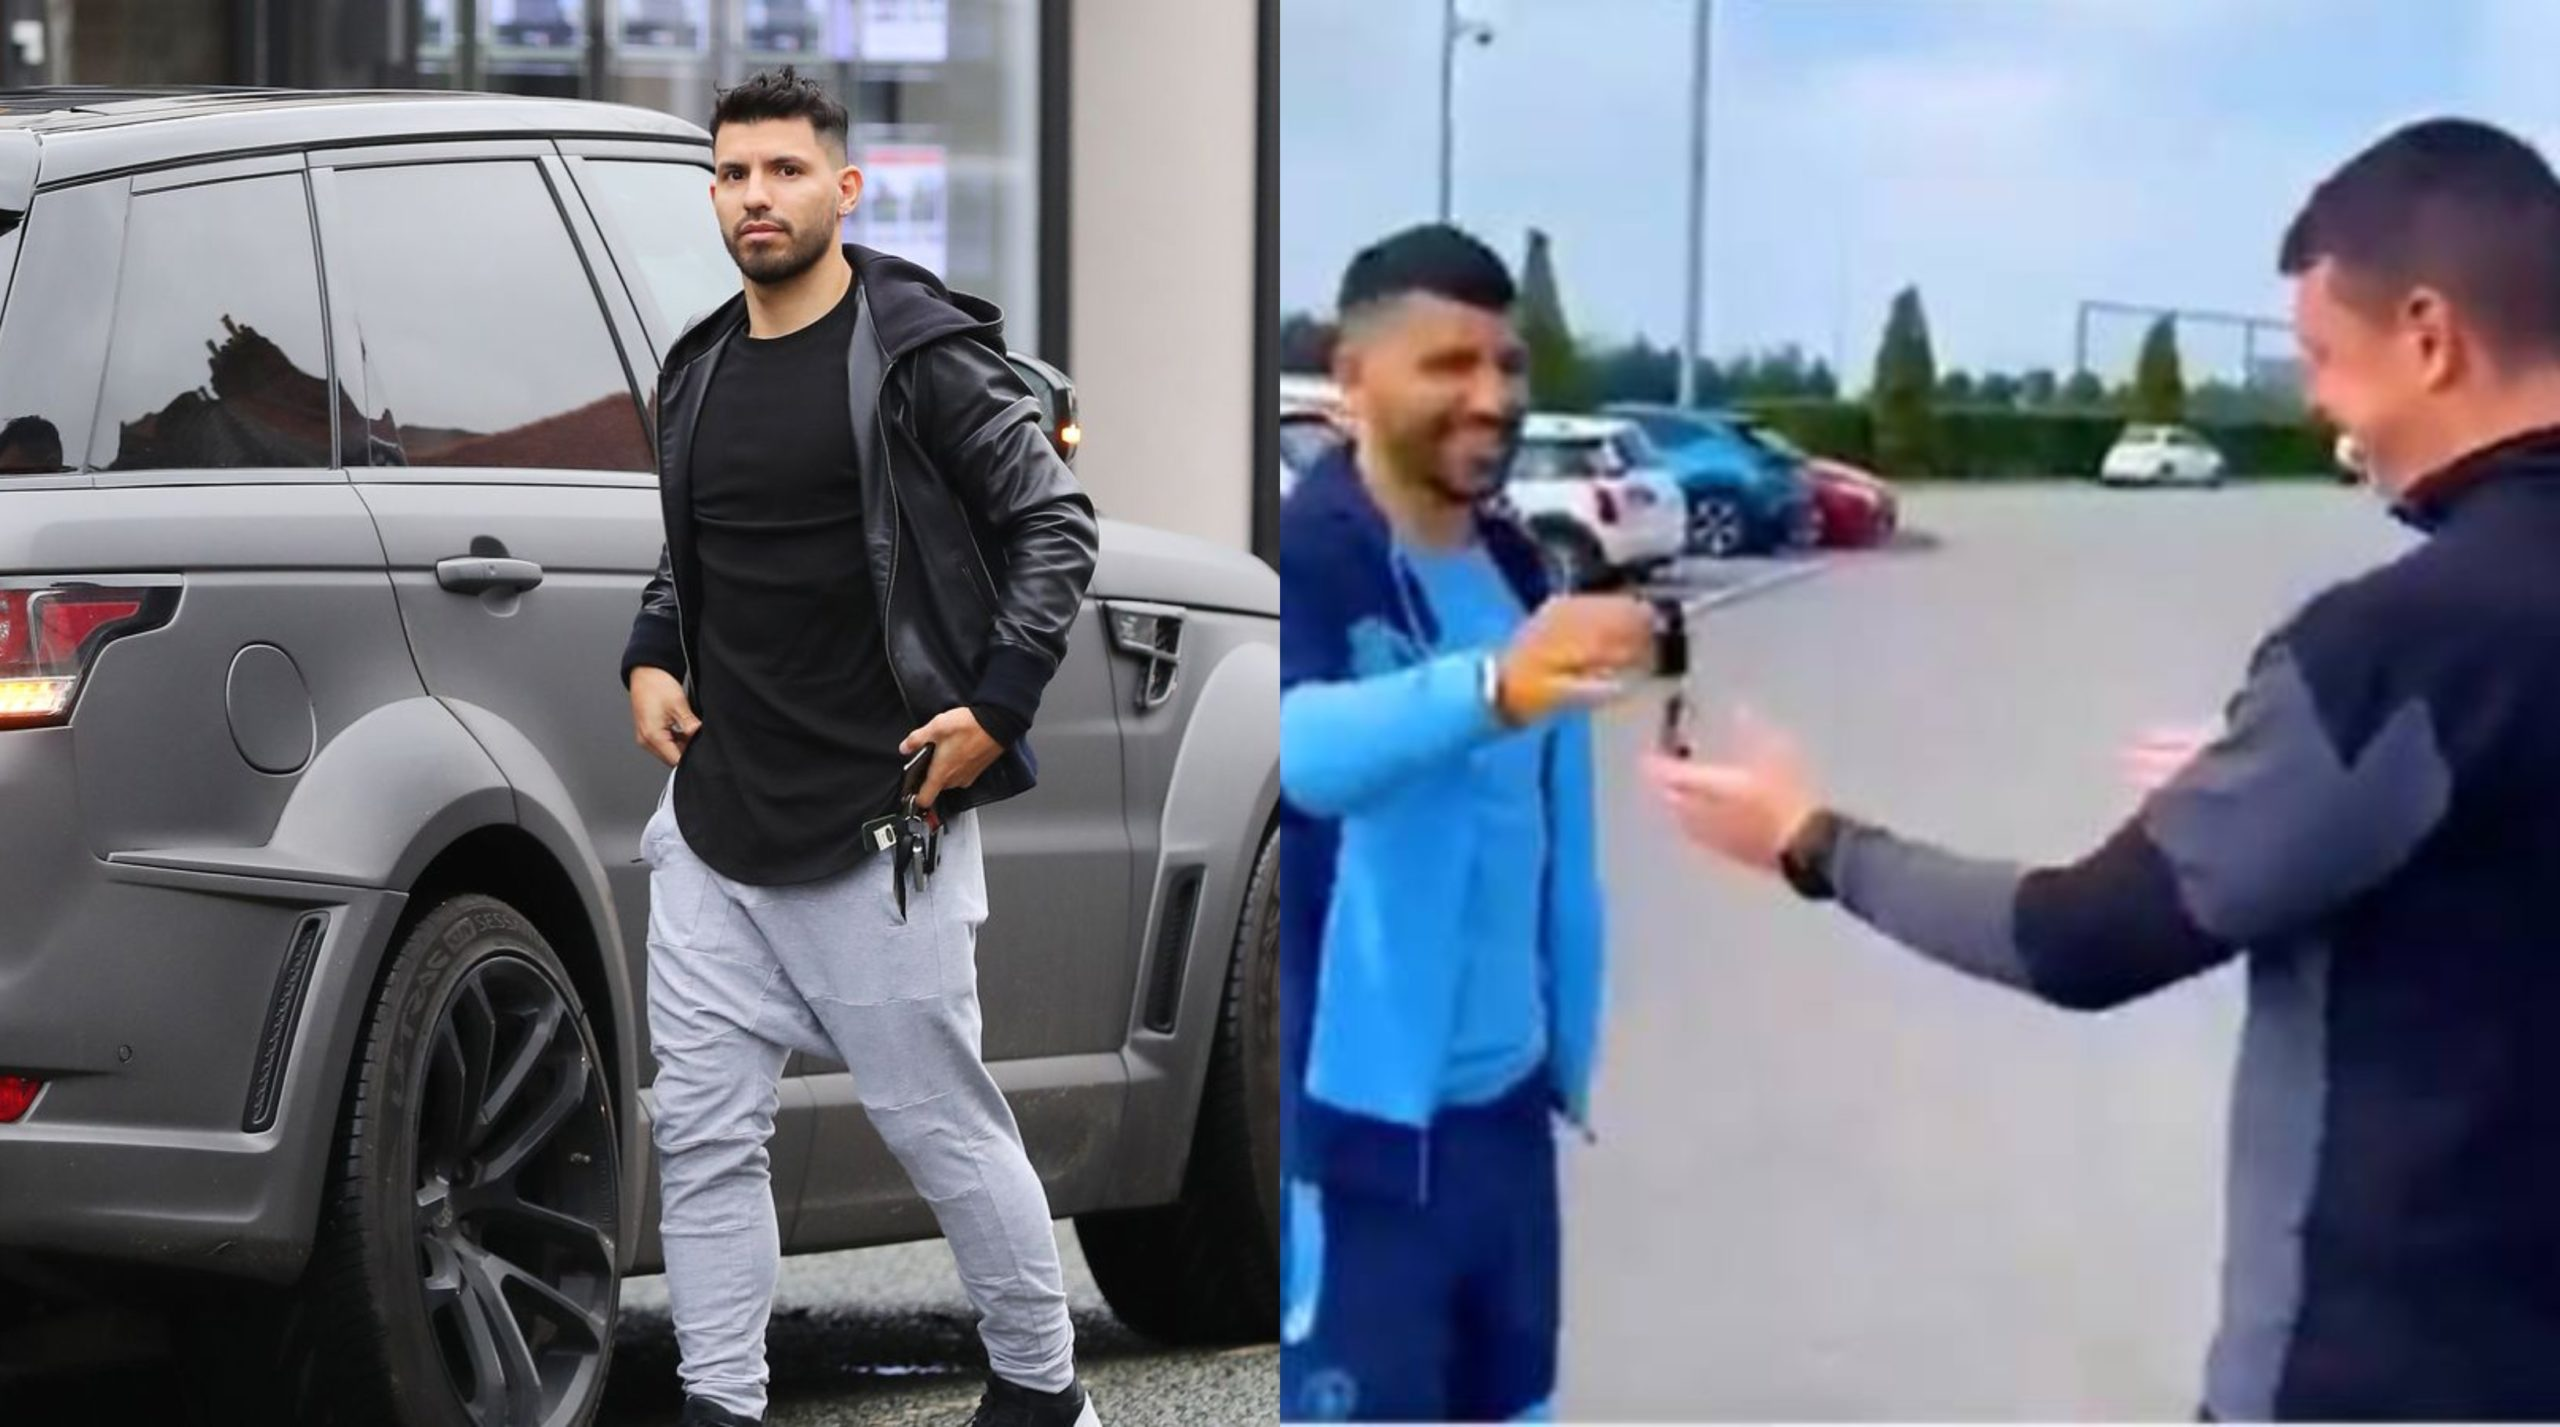 Kun Aguero gives his car away